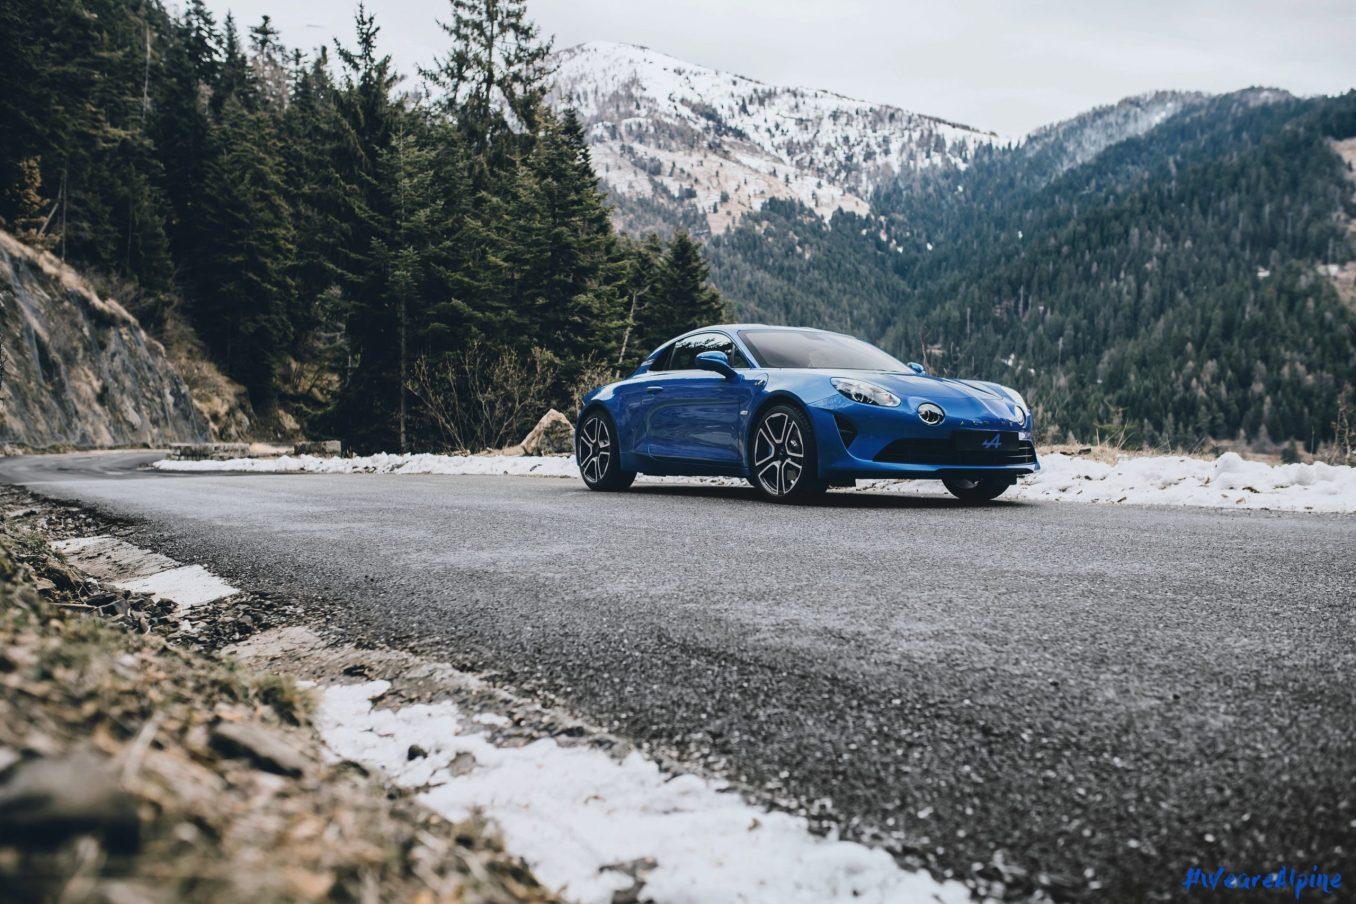 Genève 2017 Alpine A110 Premiere edition officielle 7 imp scaled | Salon de Genève 2017, toutes les informations officielles de l'Alpine A110 !